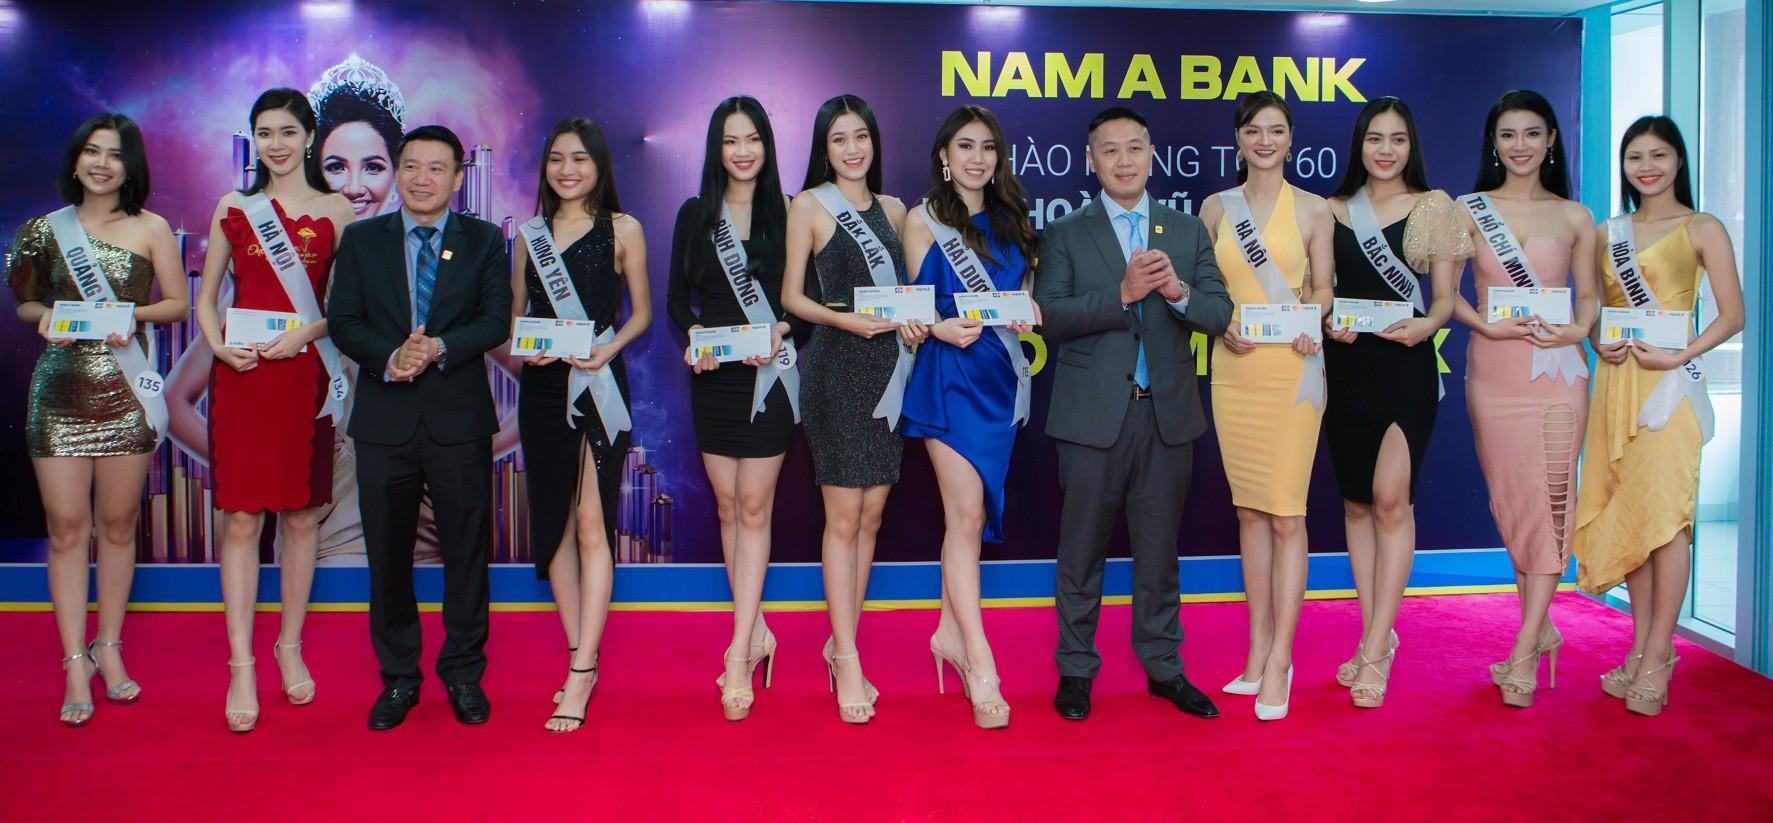 Top 60 Hoa hậu Hoàn Vũ Việt Nam 2019 trải nghiệm sản phẩm dịch vụ tài chính hiện đại tại Nam A Bank - Ảnh 5.